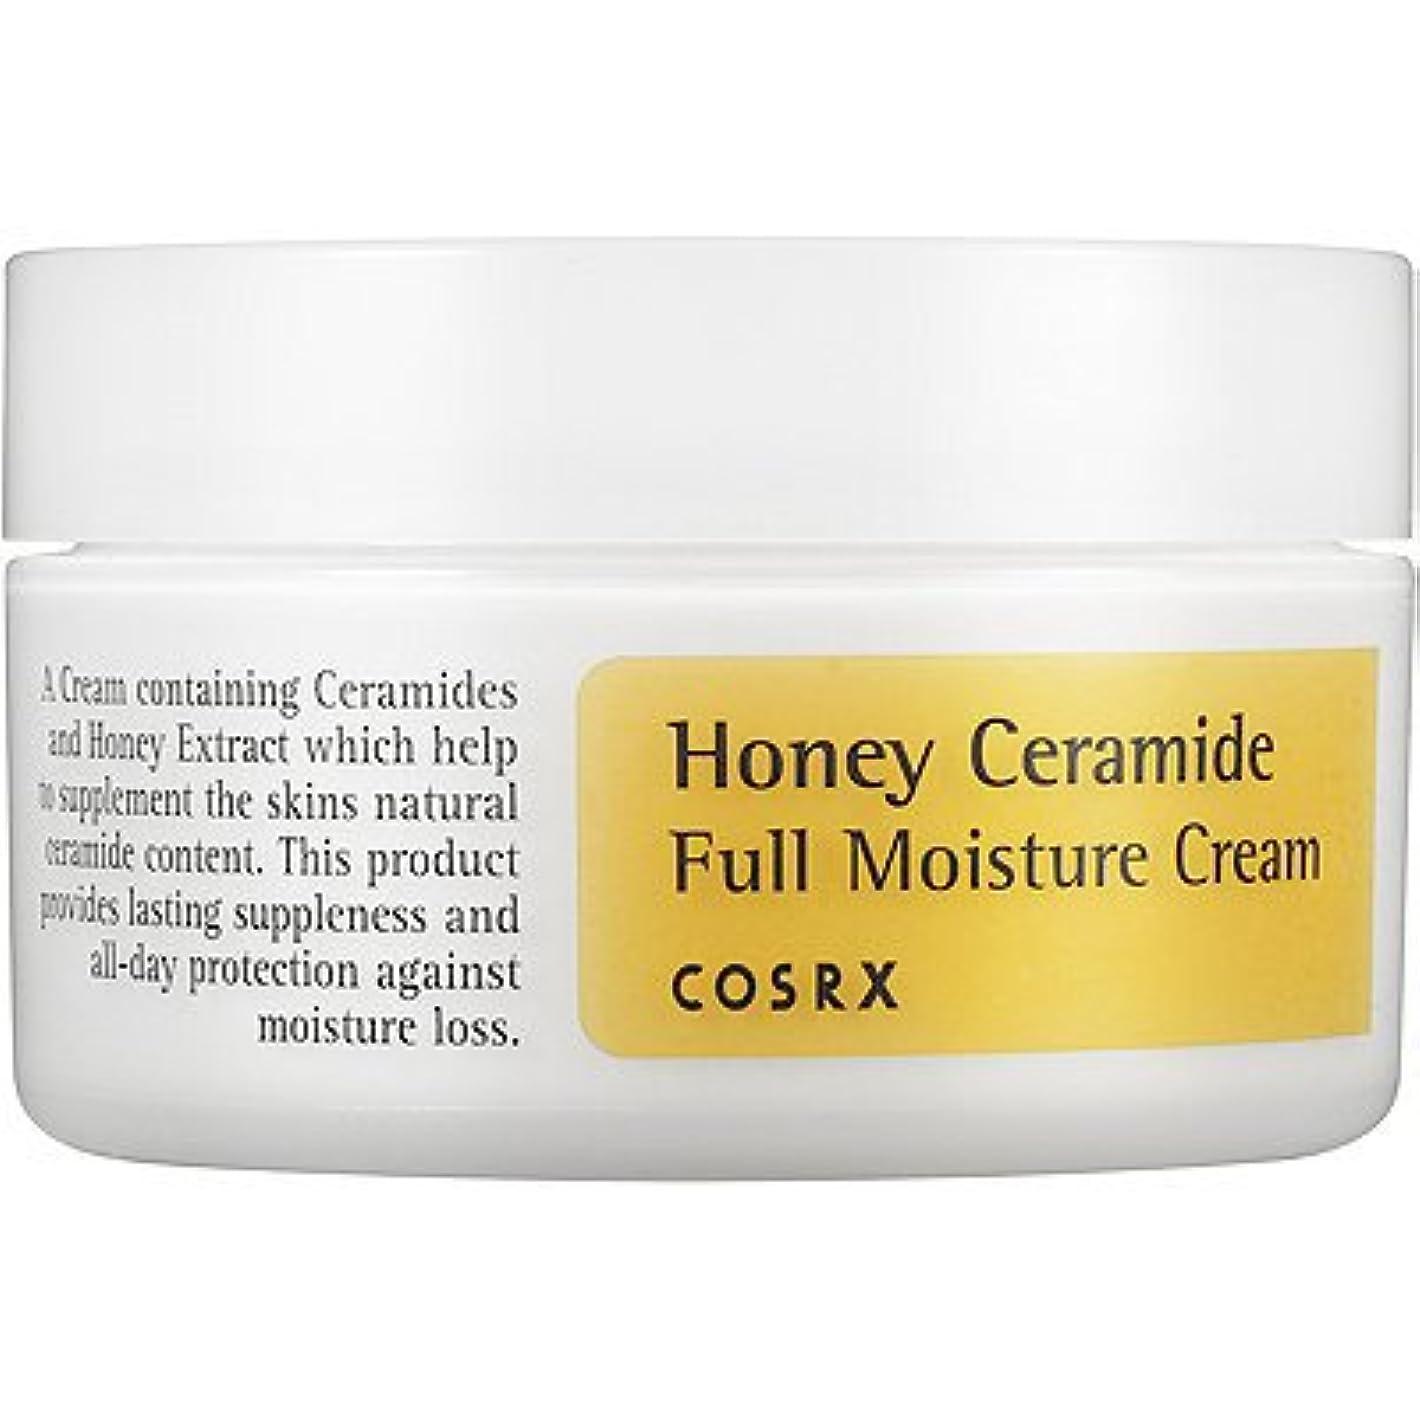 吸収クロールコードCOSRX Honey Ceramide Full Moisture Cream 50g/ハニーセラミド フル モイスチャークリーム -50g [並行輸入品]